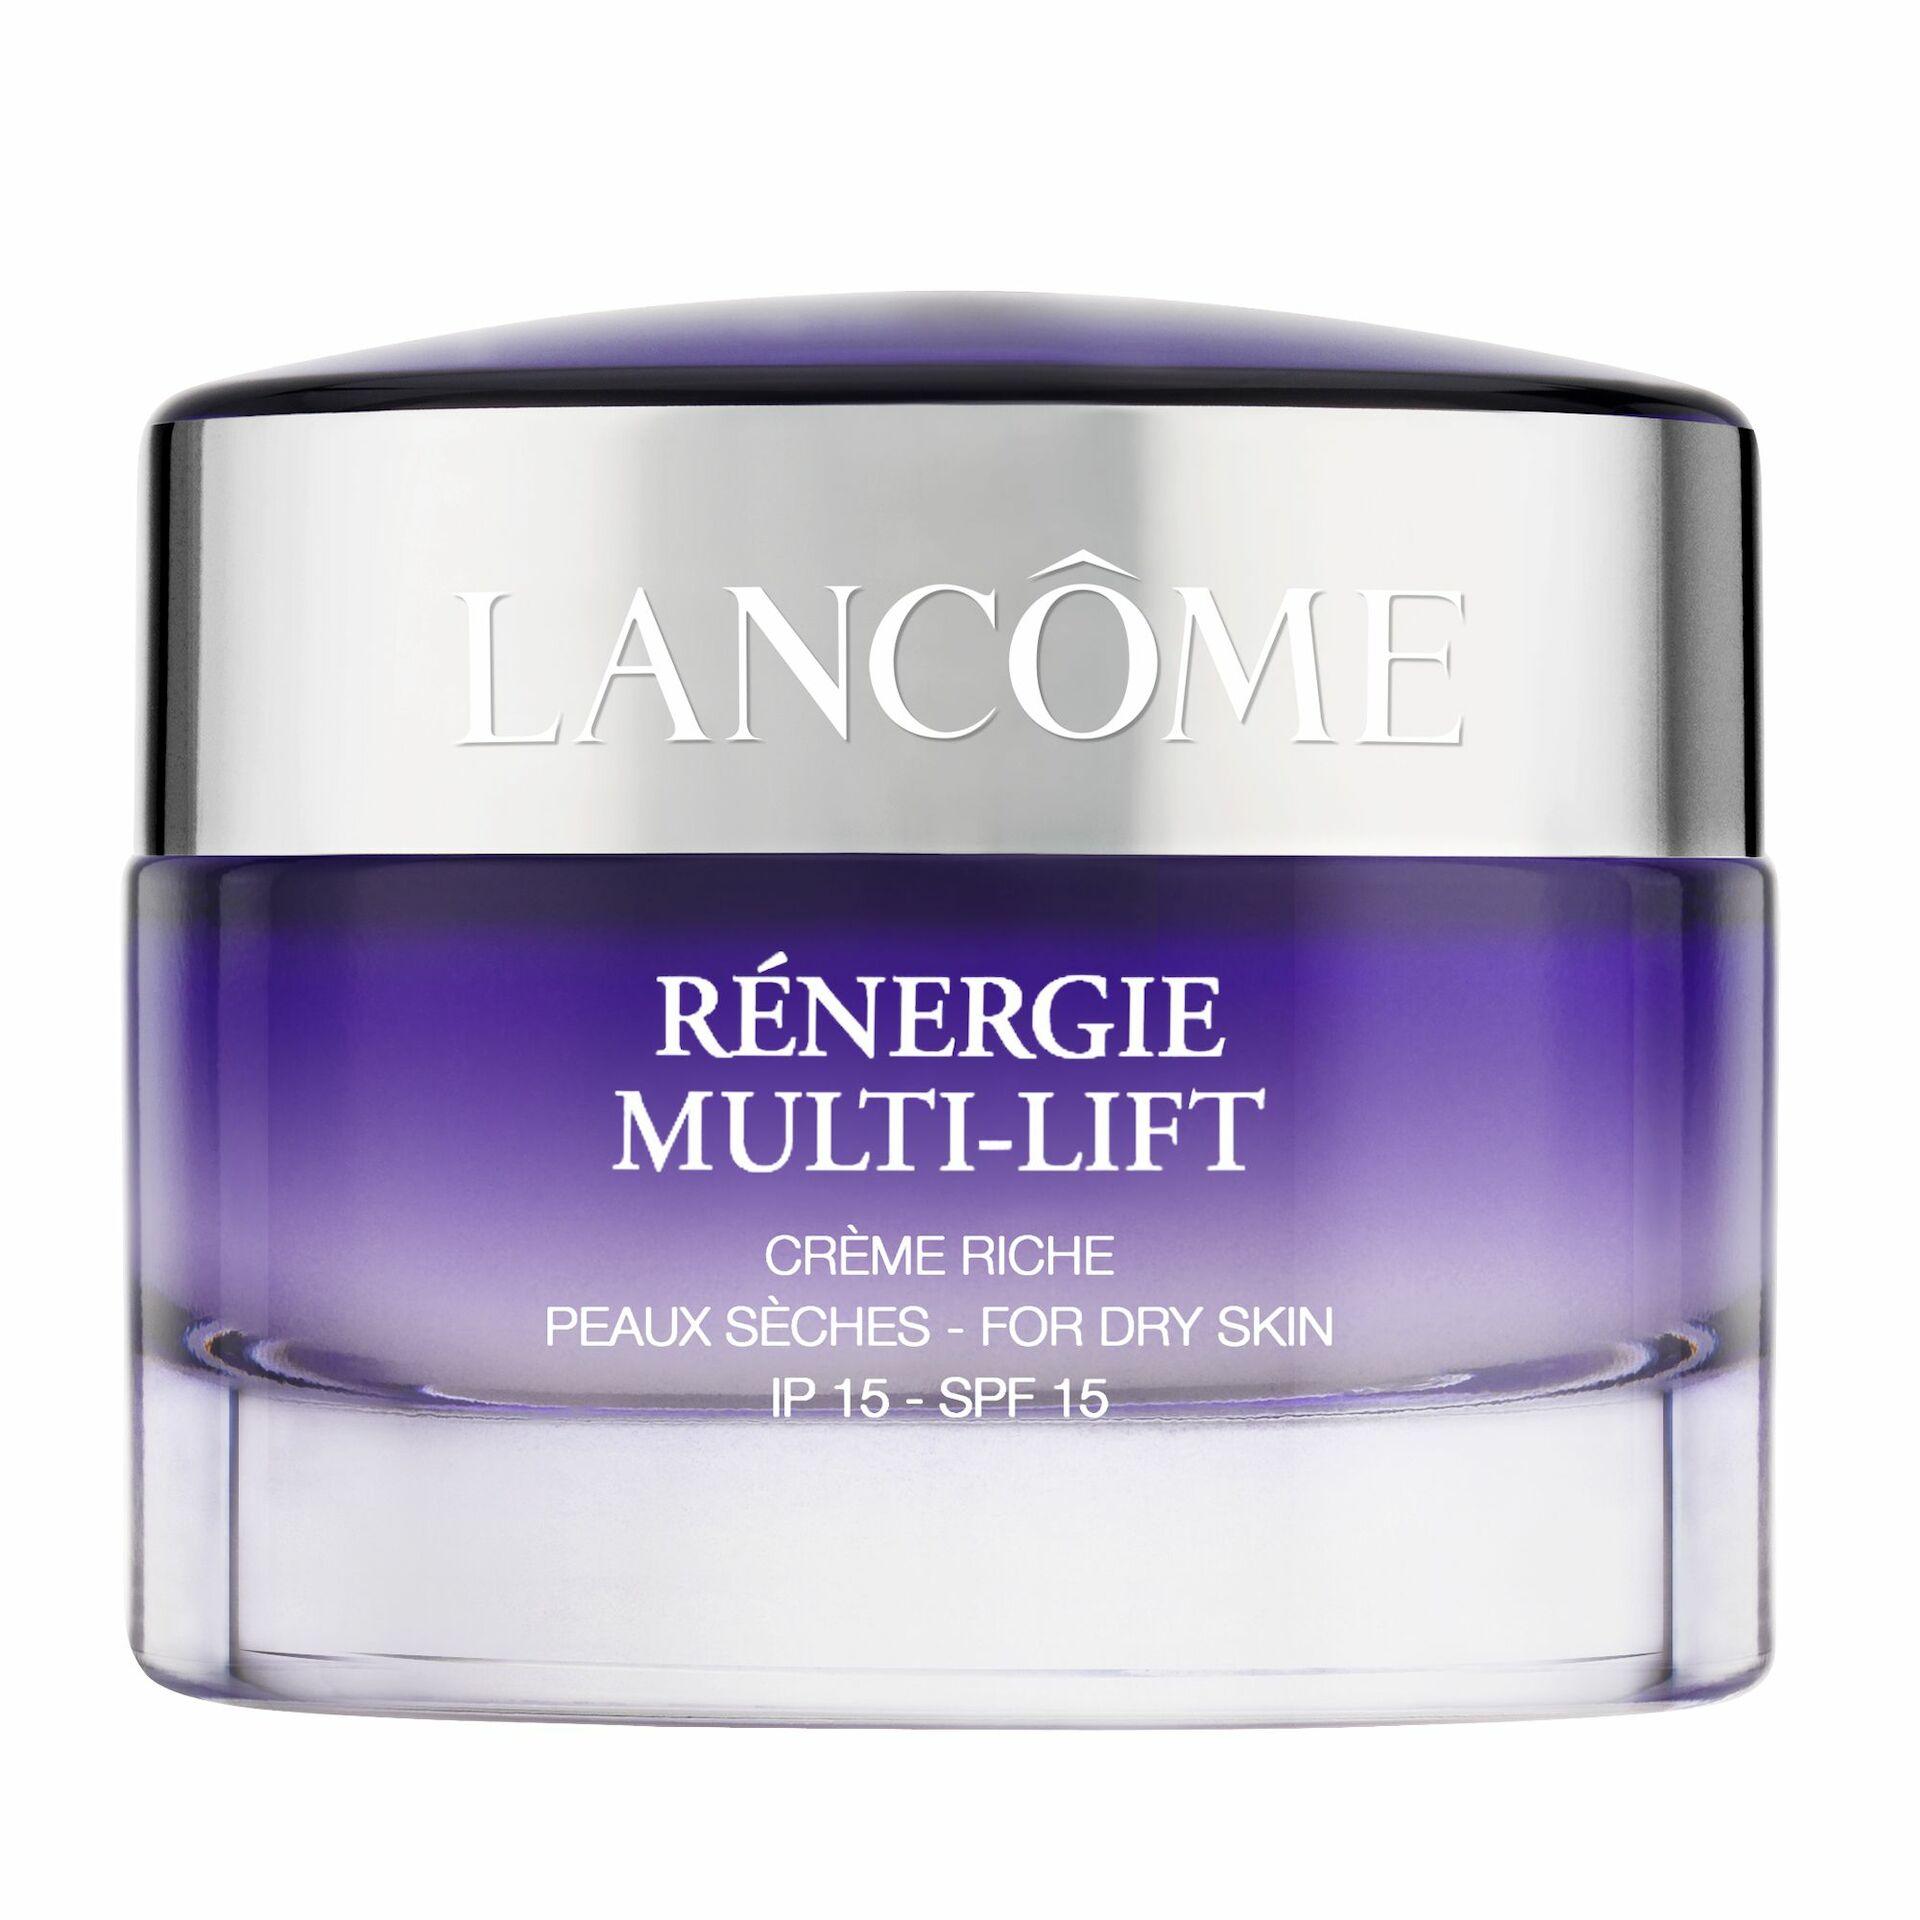 Rénergie Multi-Lift Créme Riche SPF 15 - for dry skin